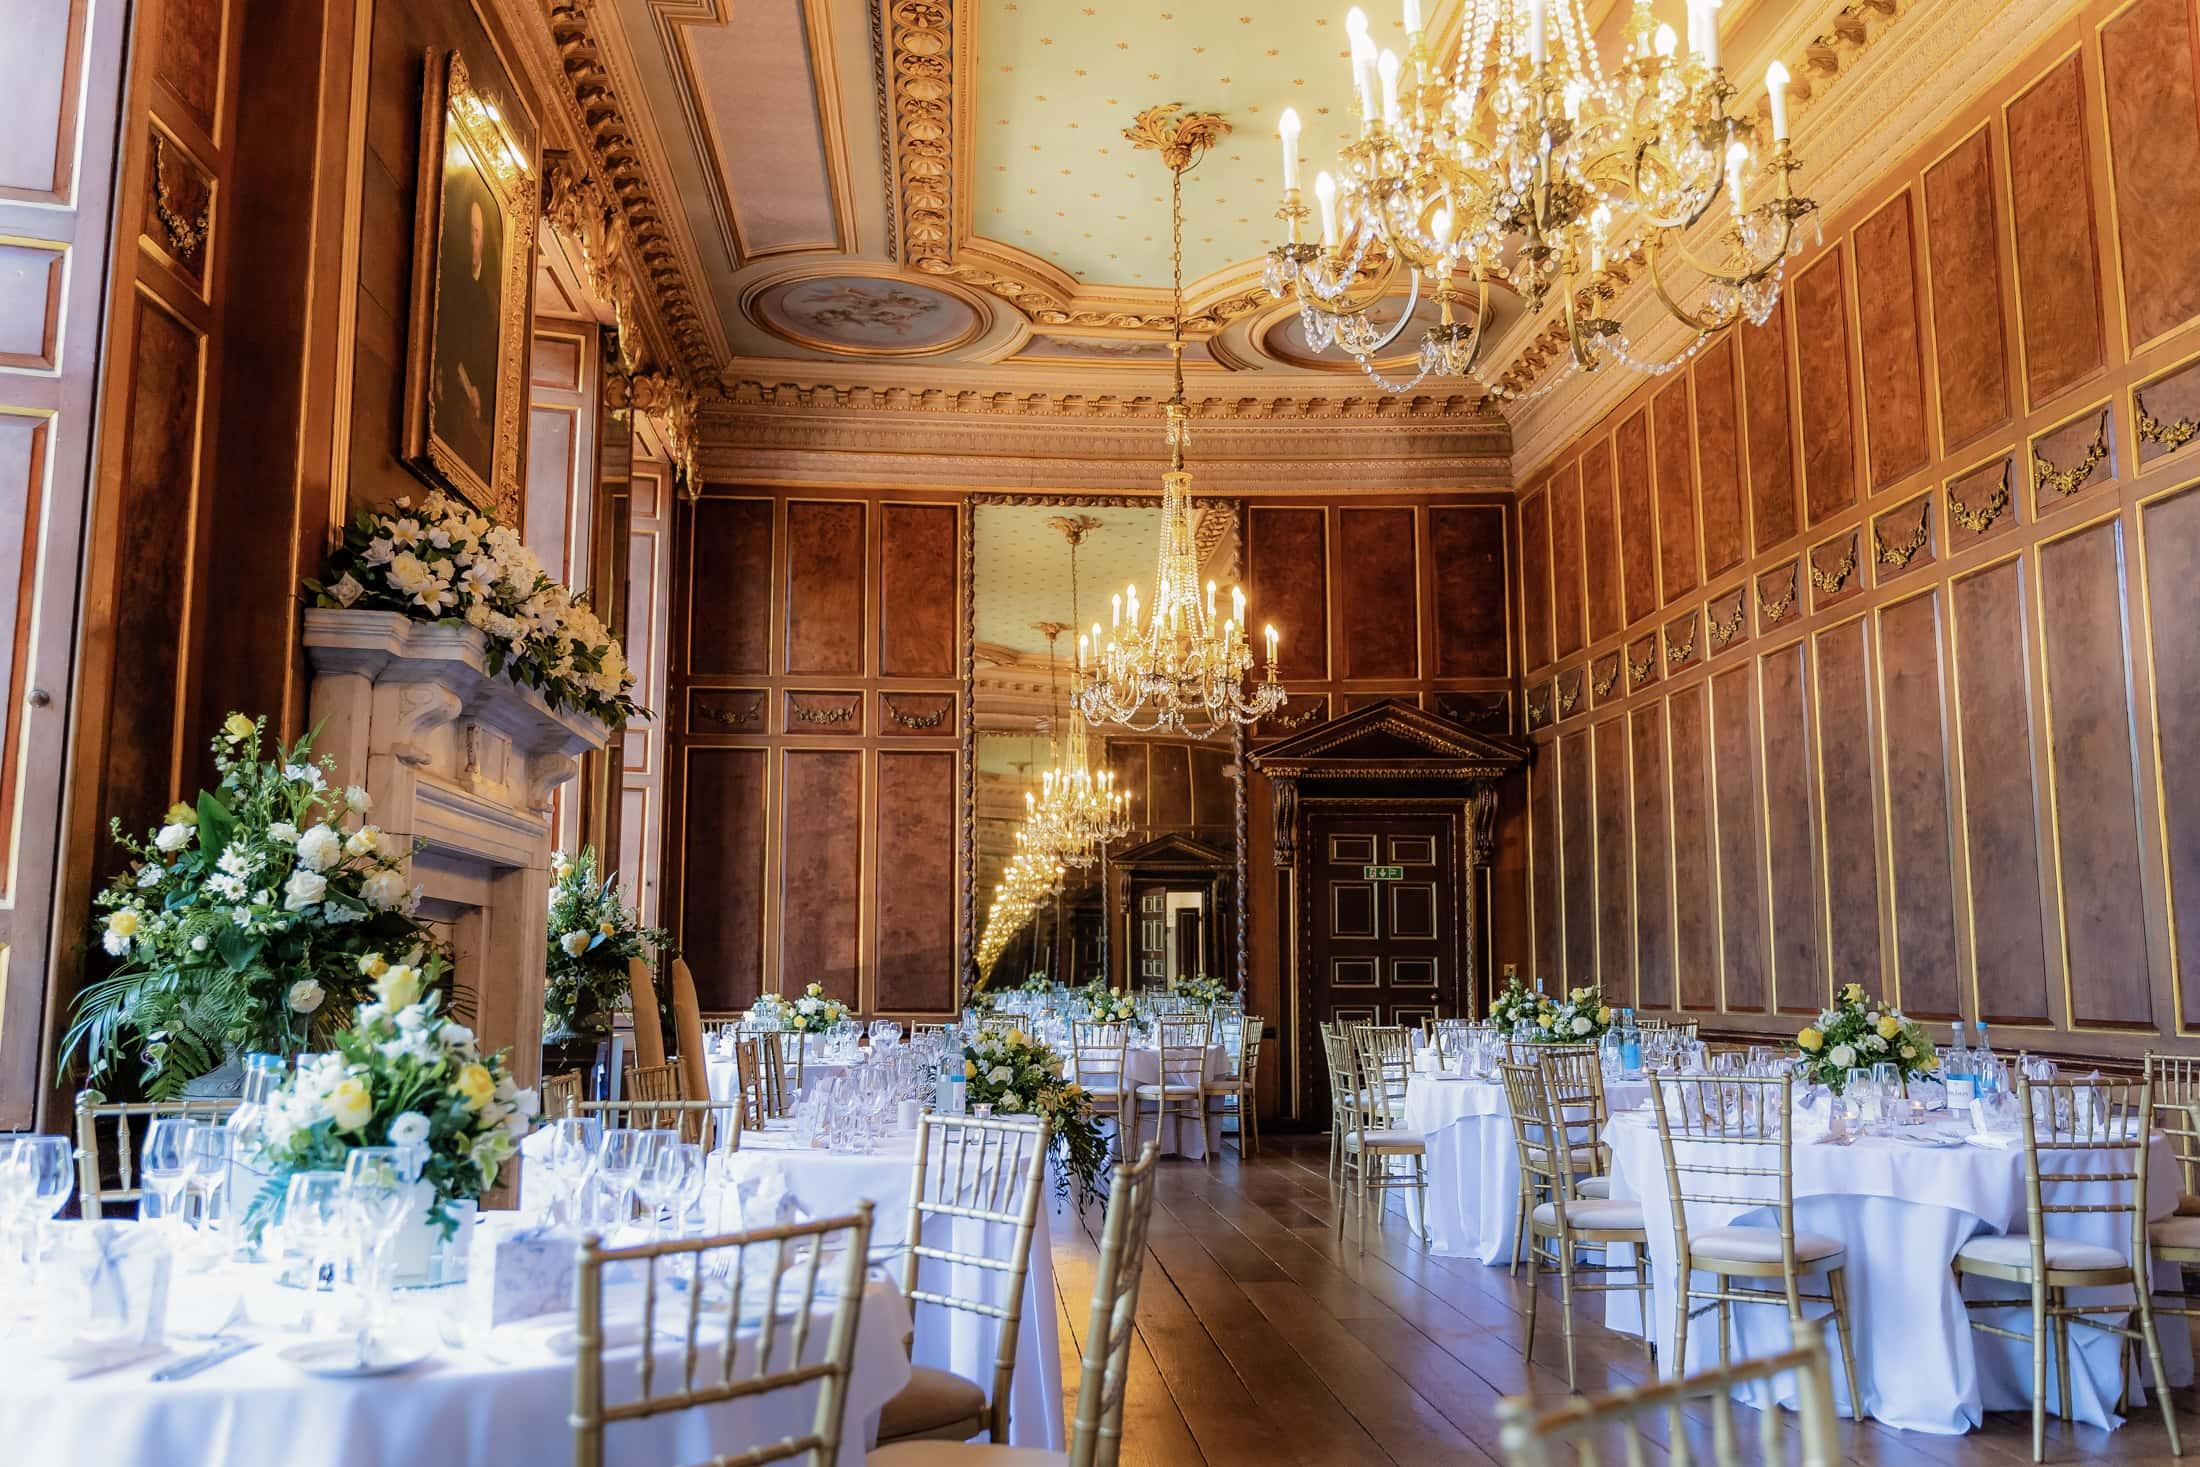 Gosfield hall wedding breakfast room - the Ball room